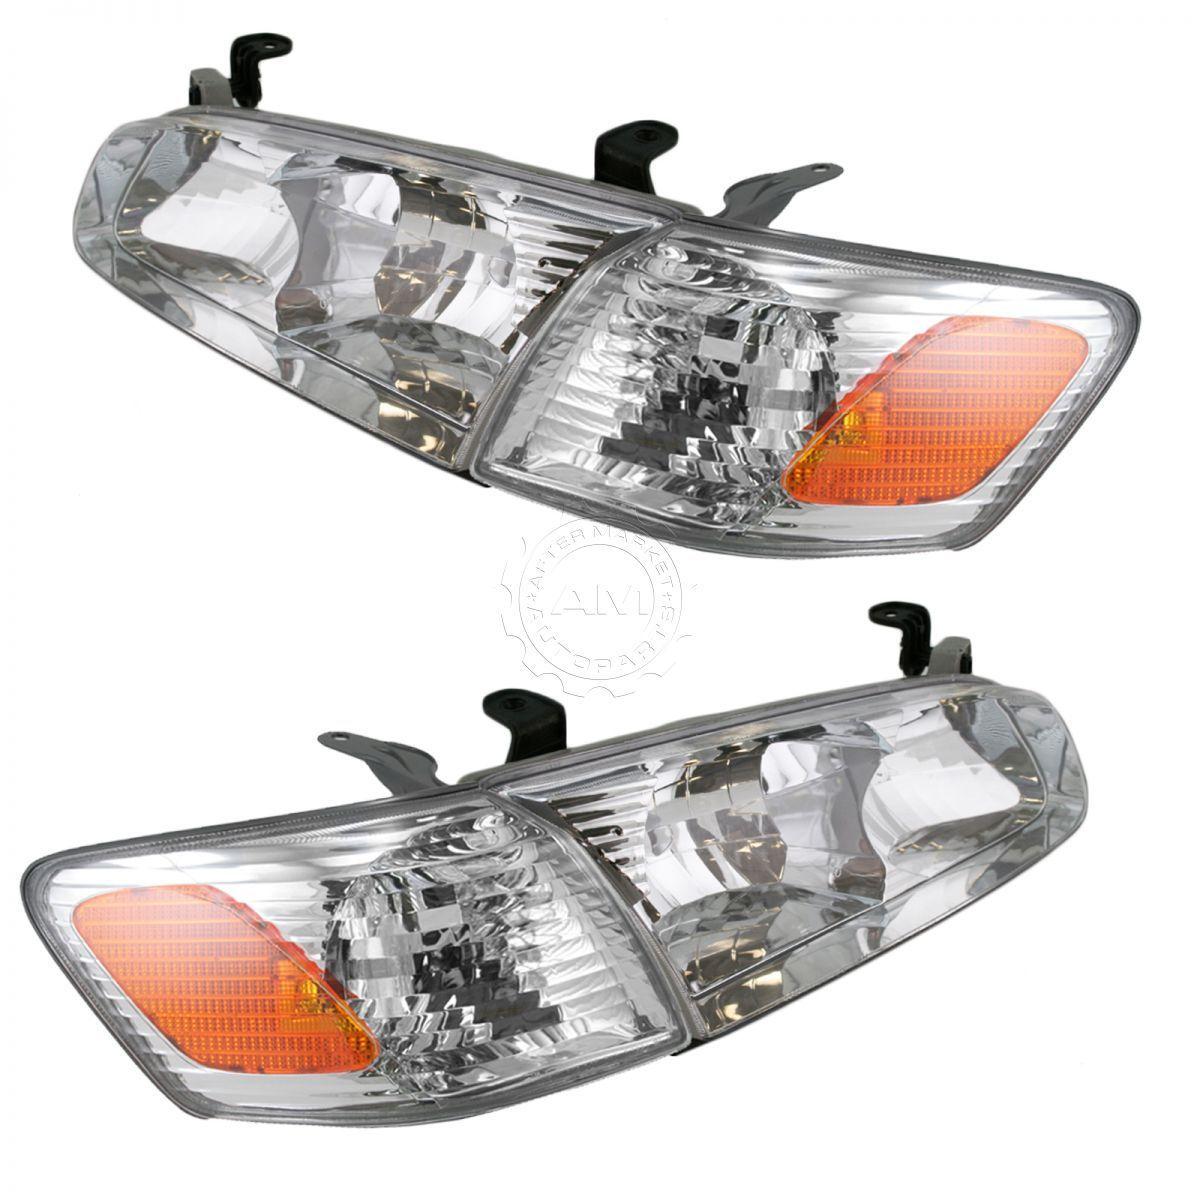 コーナーライト Headlight Headlamp Corner Light Lamp Kit Set of 4 for 00-01 Toyota Camry NEW 00-01トヨタカムリ用ヘッドライトヘッドランプコーナーライトランプキット4点セットNEW